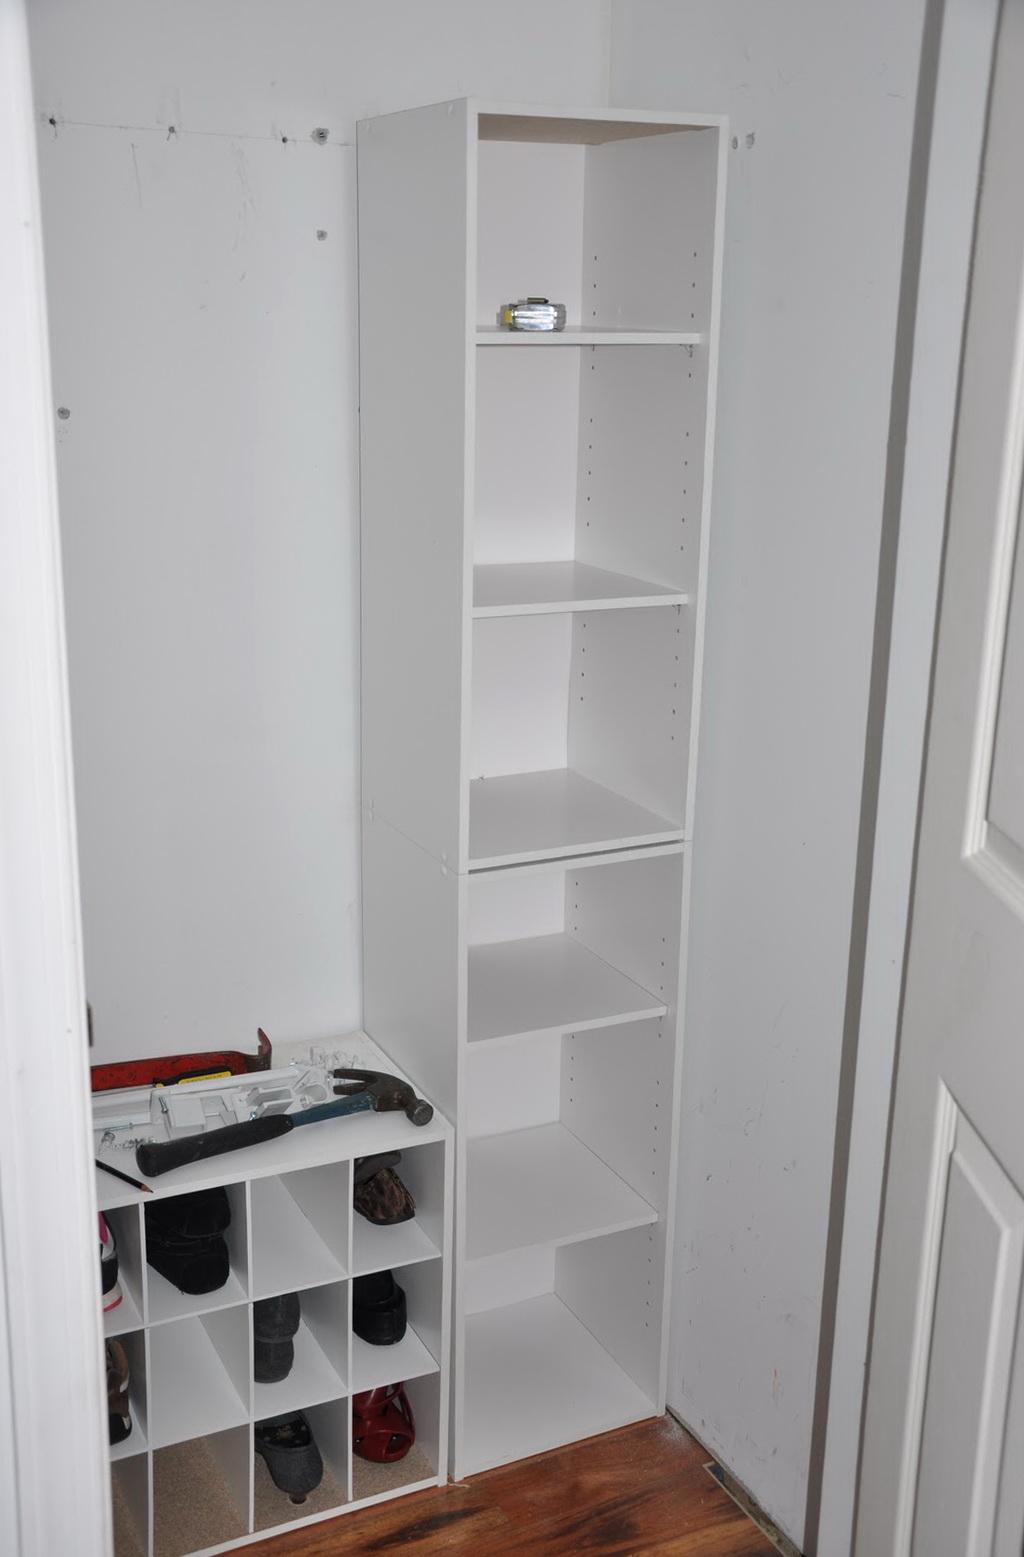 Closet Shelving Units Lowes | Home Design Ideas